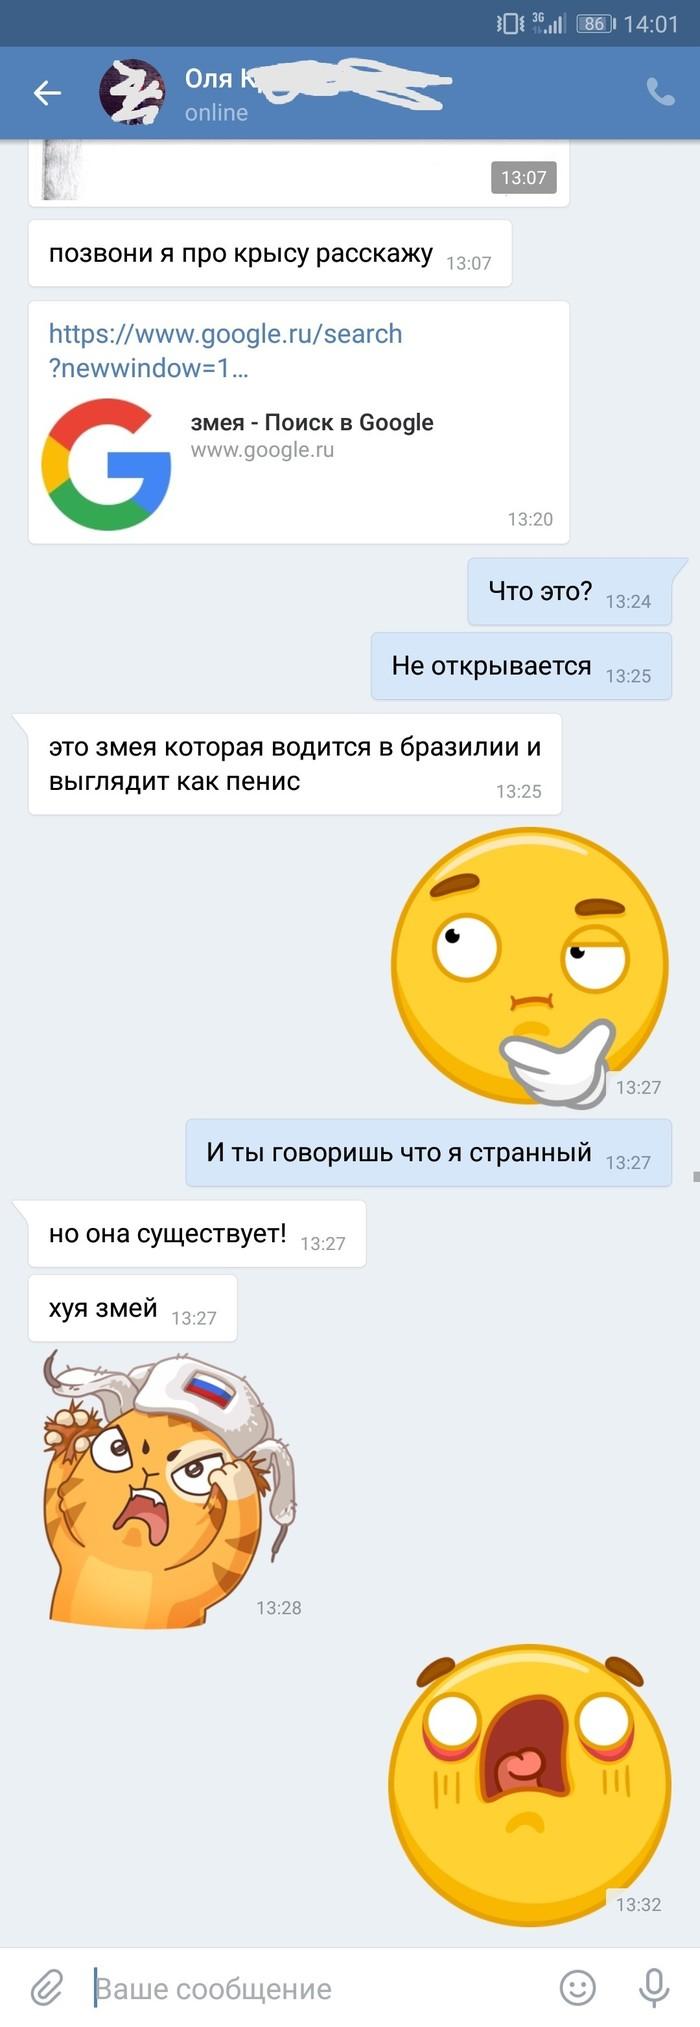 Общение с женой ВКонтакте, Разговор, Жена, Мужчины и женщины, Длиннопост, Переписка